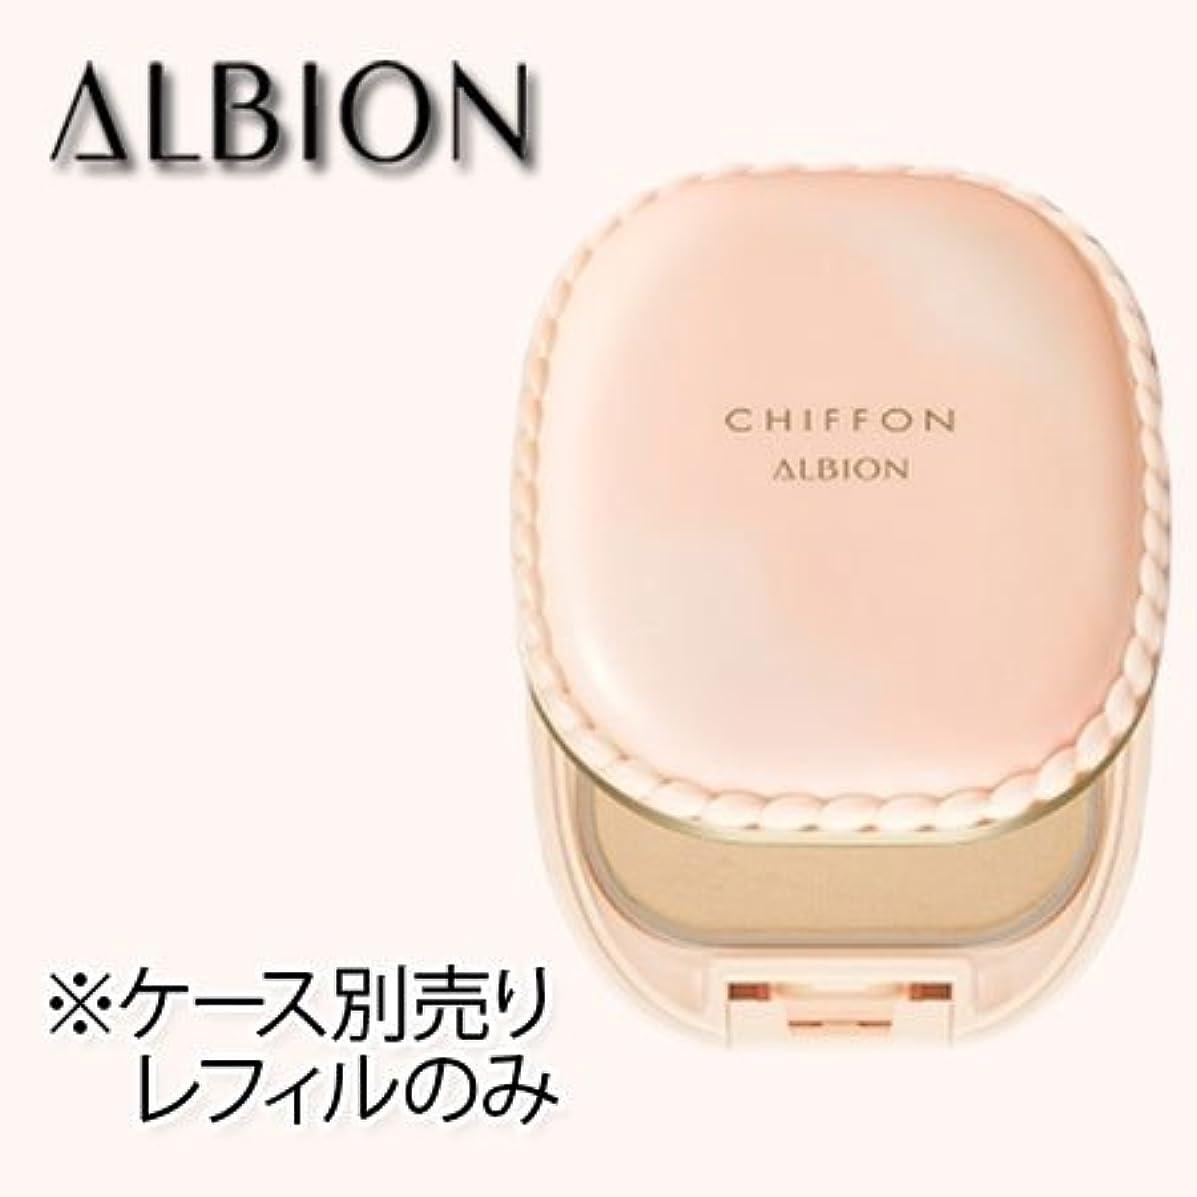 床を掃除するエイズ男やもめアルビオン スウィート モイスチュア シフォン (レフィル) 10g 6色 SPF22 PA++-ALBION- 030